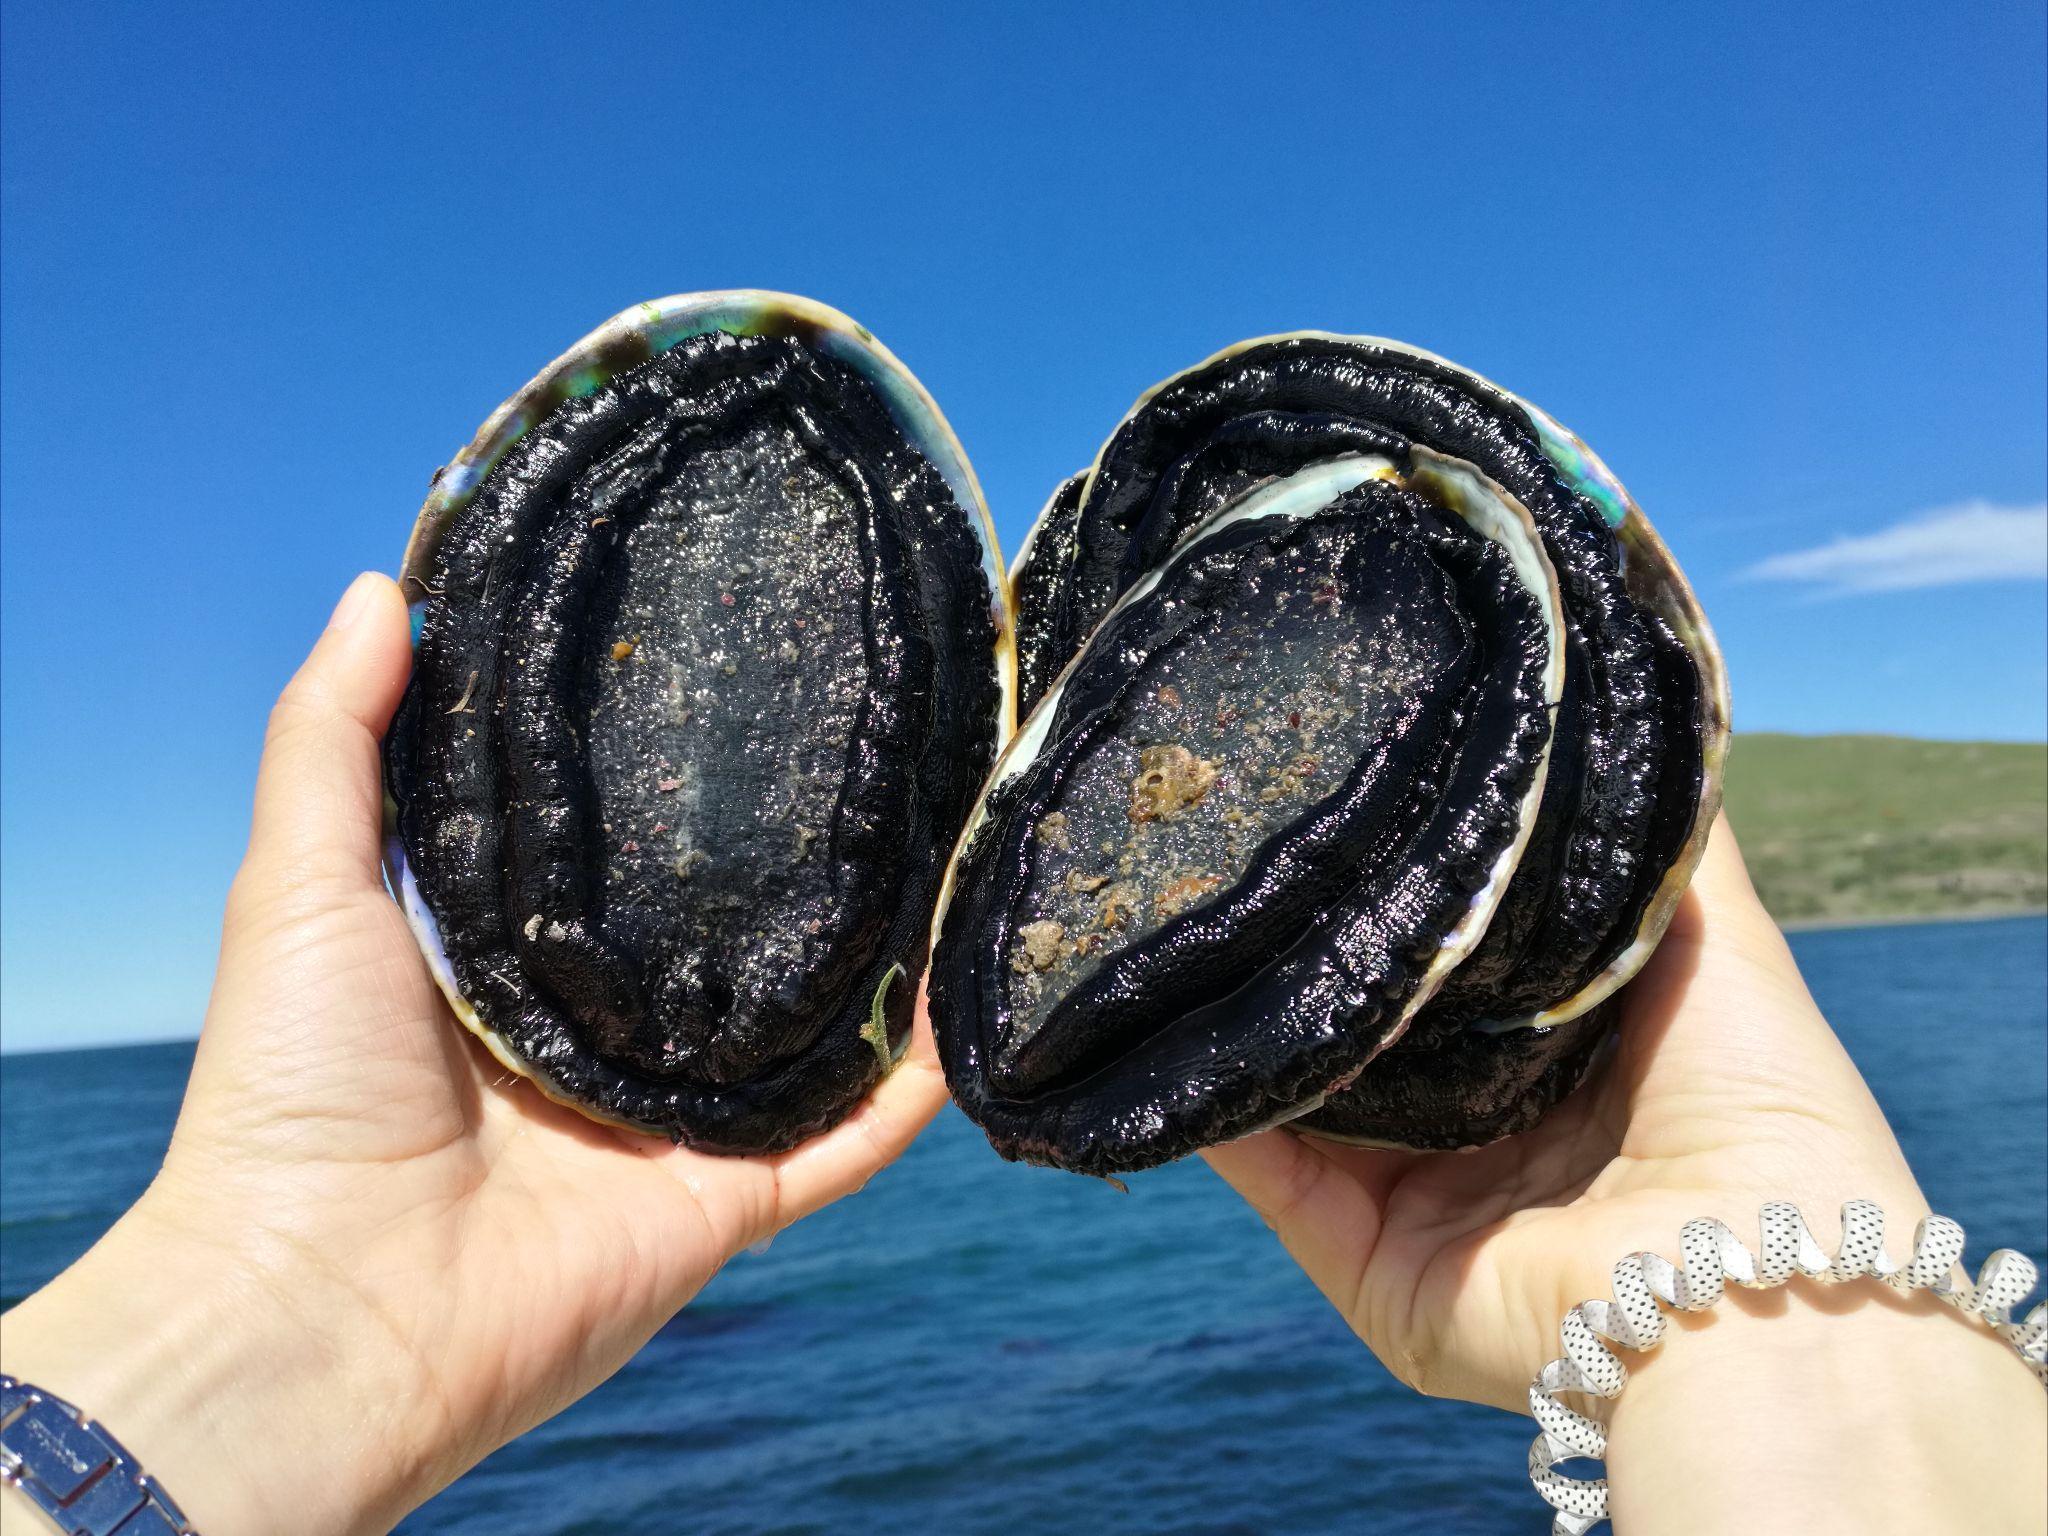 十块钱三个的螃蟹和鲍鱼中超贵的鲍鱼吃起来有江夏吃传说图片